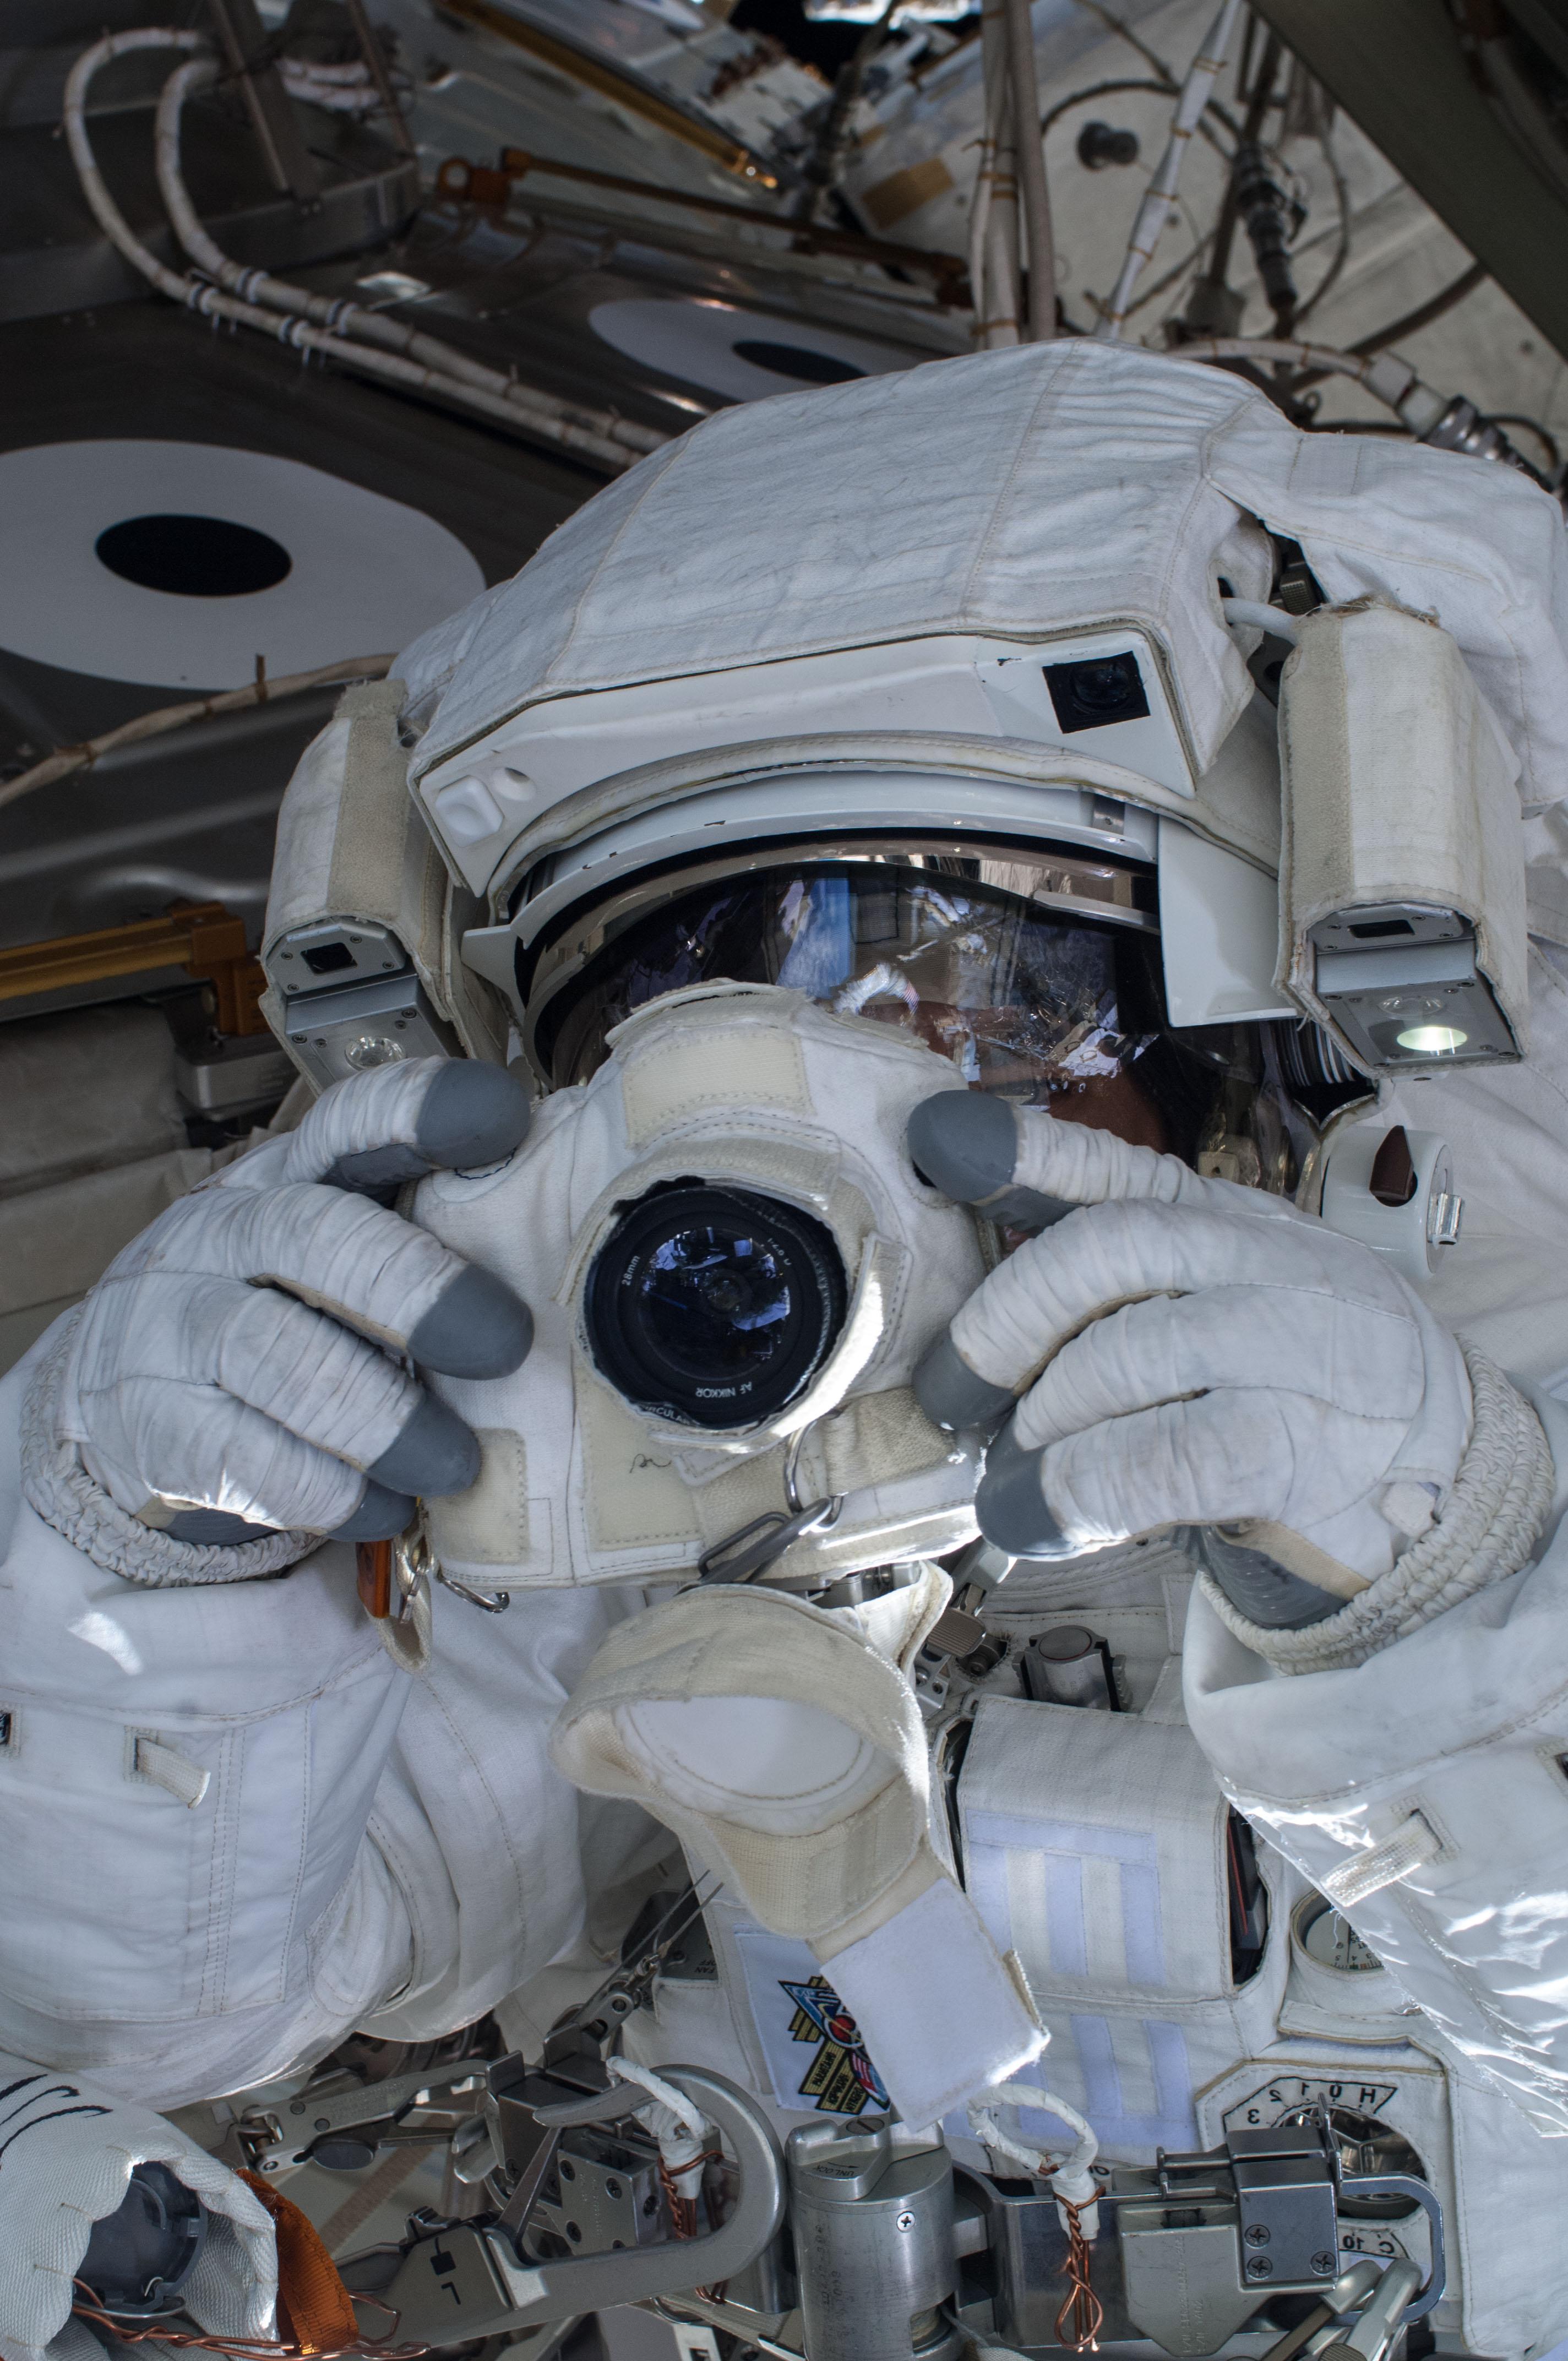 Mission Control Aborts Spacewalk